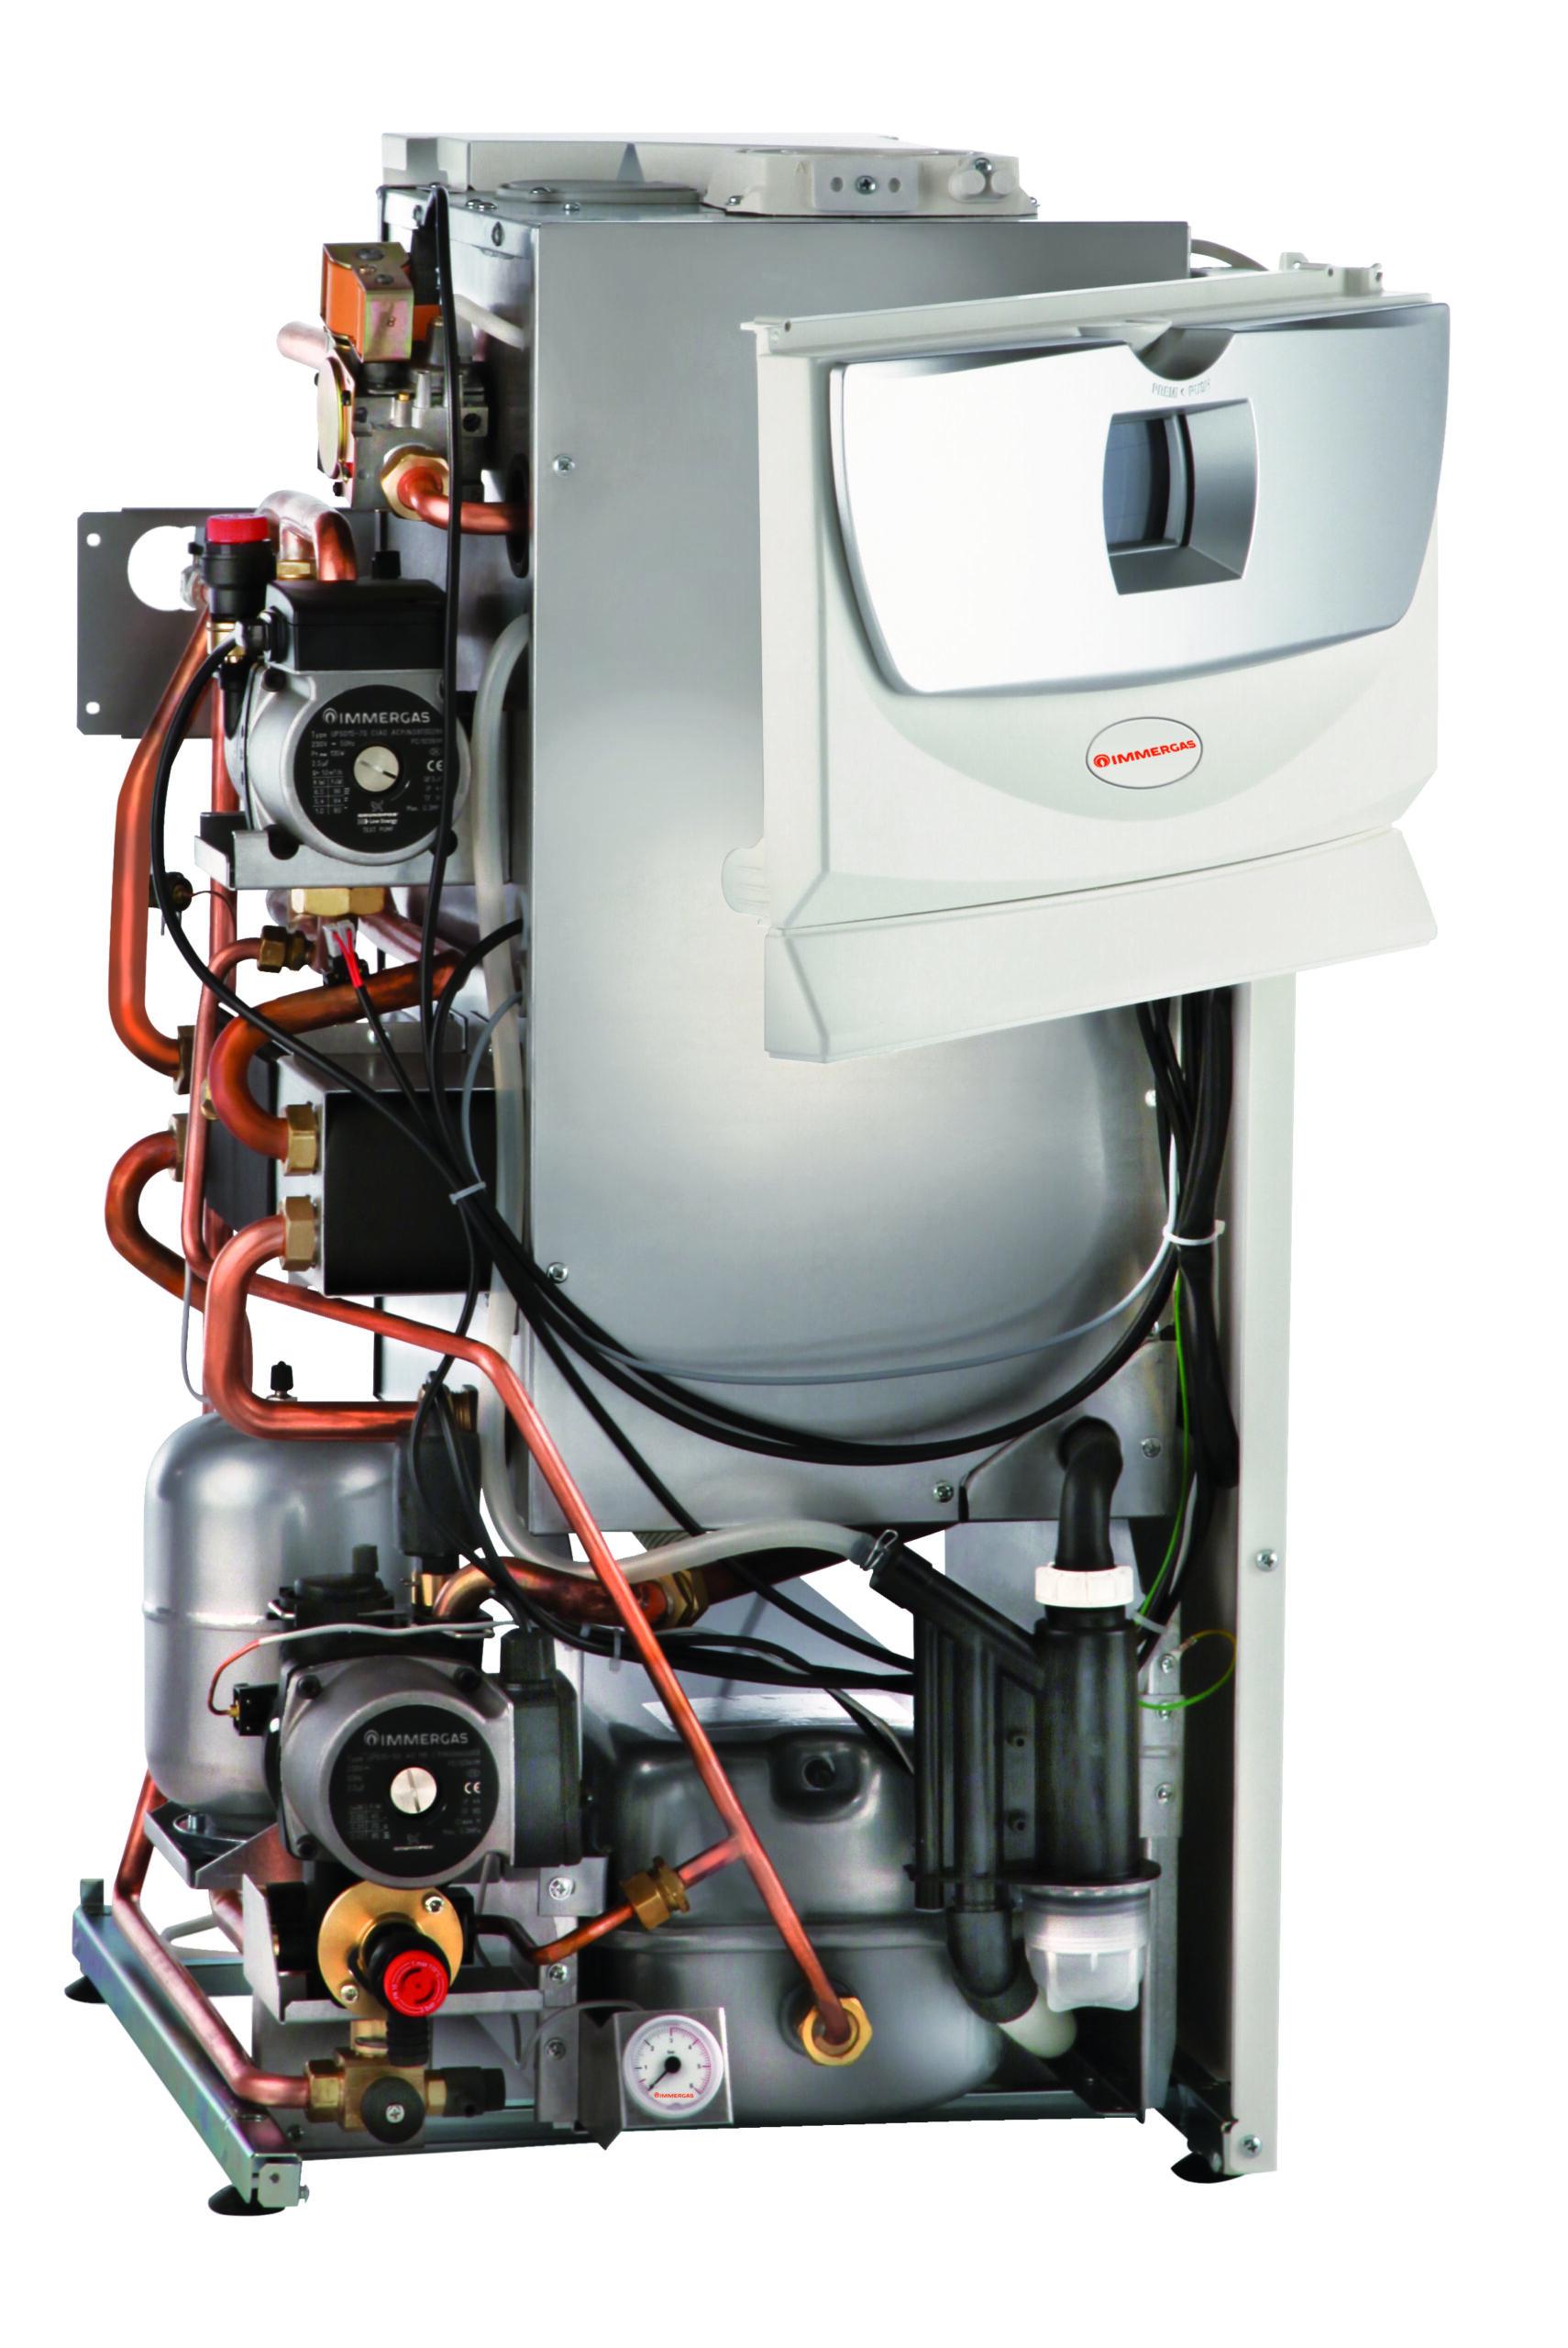 Caldaia a condensazione - interno